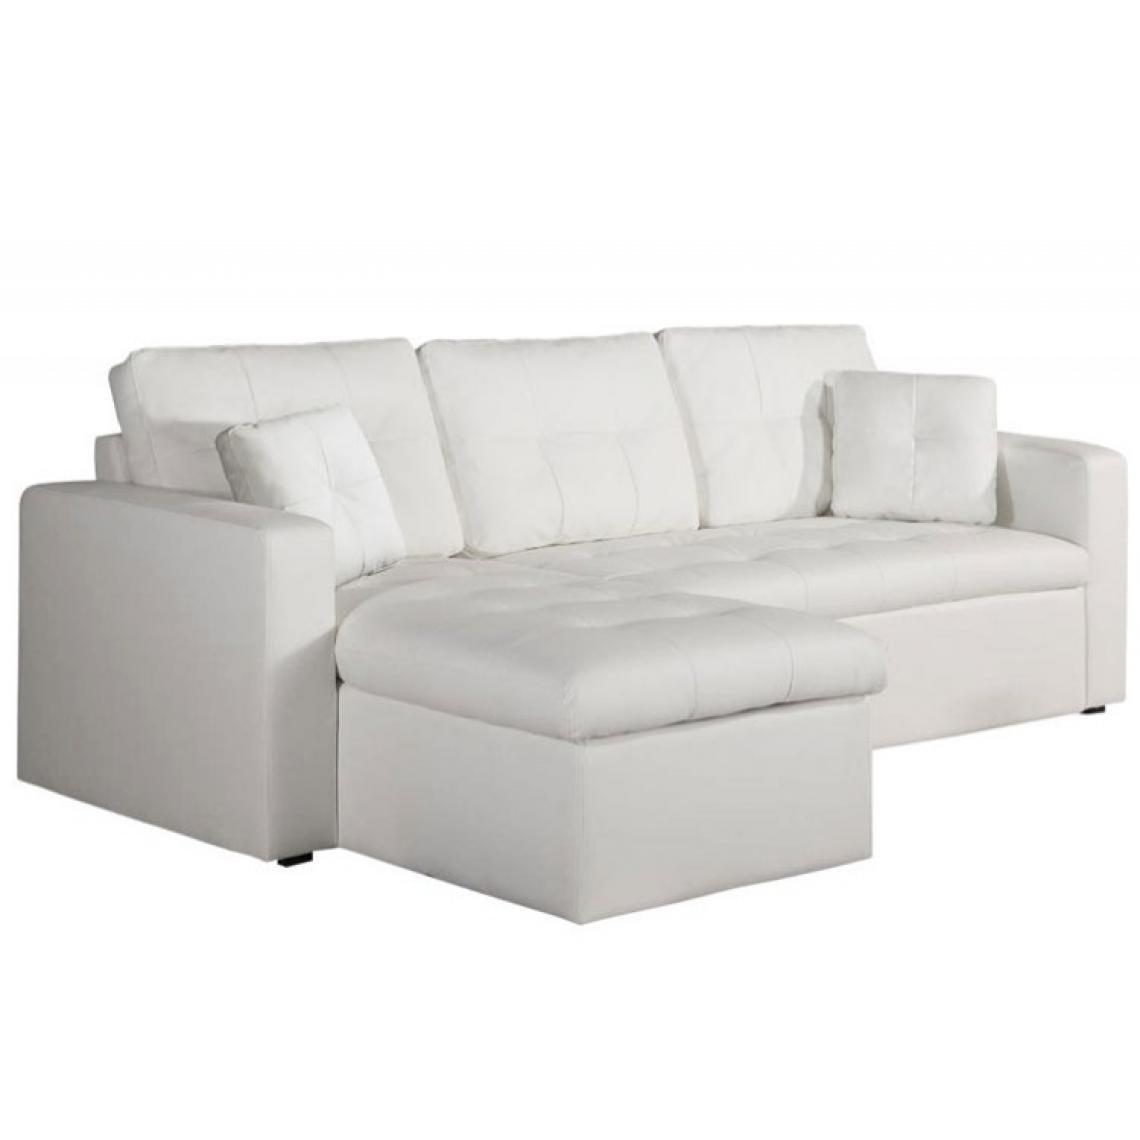 Canapé D'angle Modulable Et Convertible 3 Places Blanc Enzo 142X81X85 Plus  De Détails encequiconcerne Canape Cuir Blanc